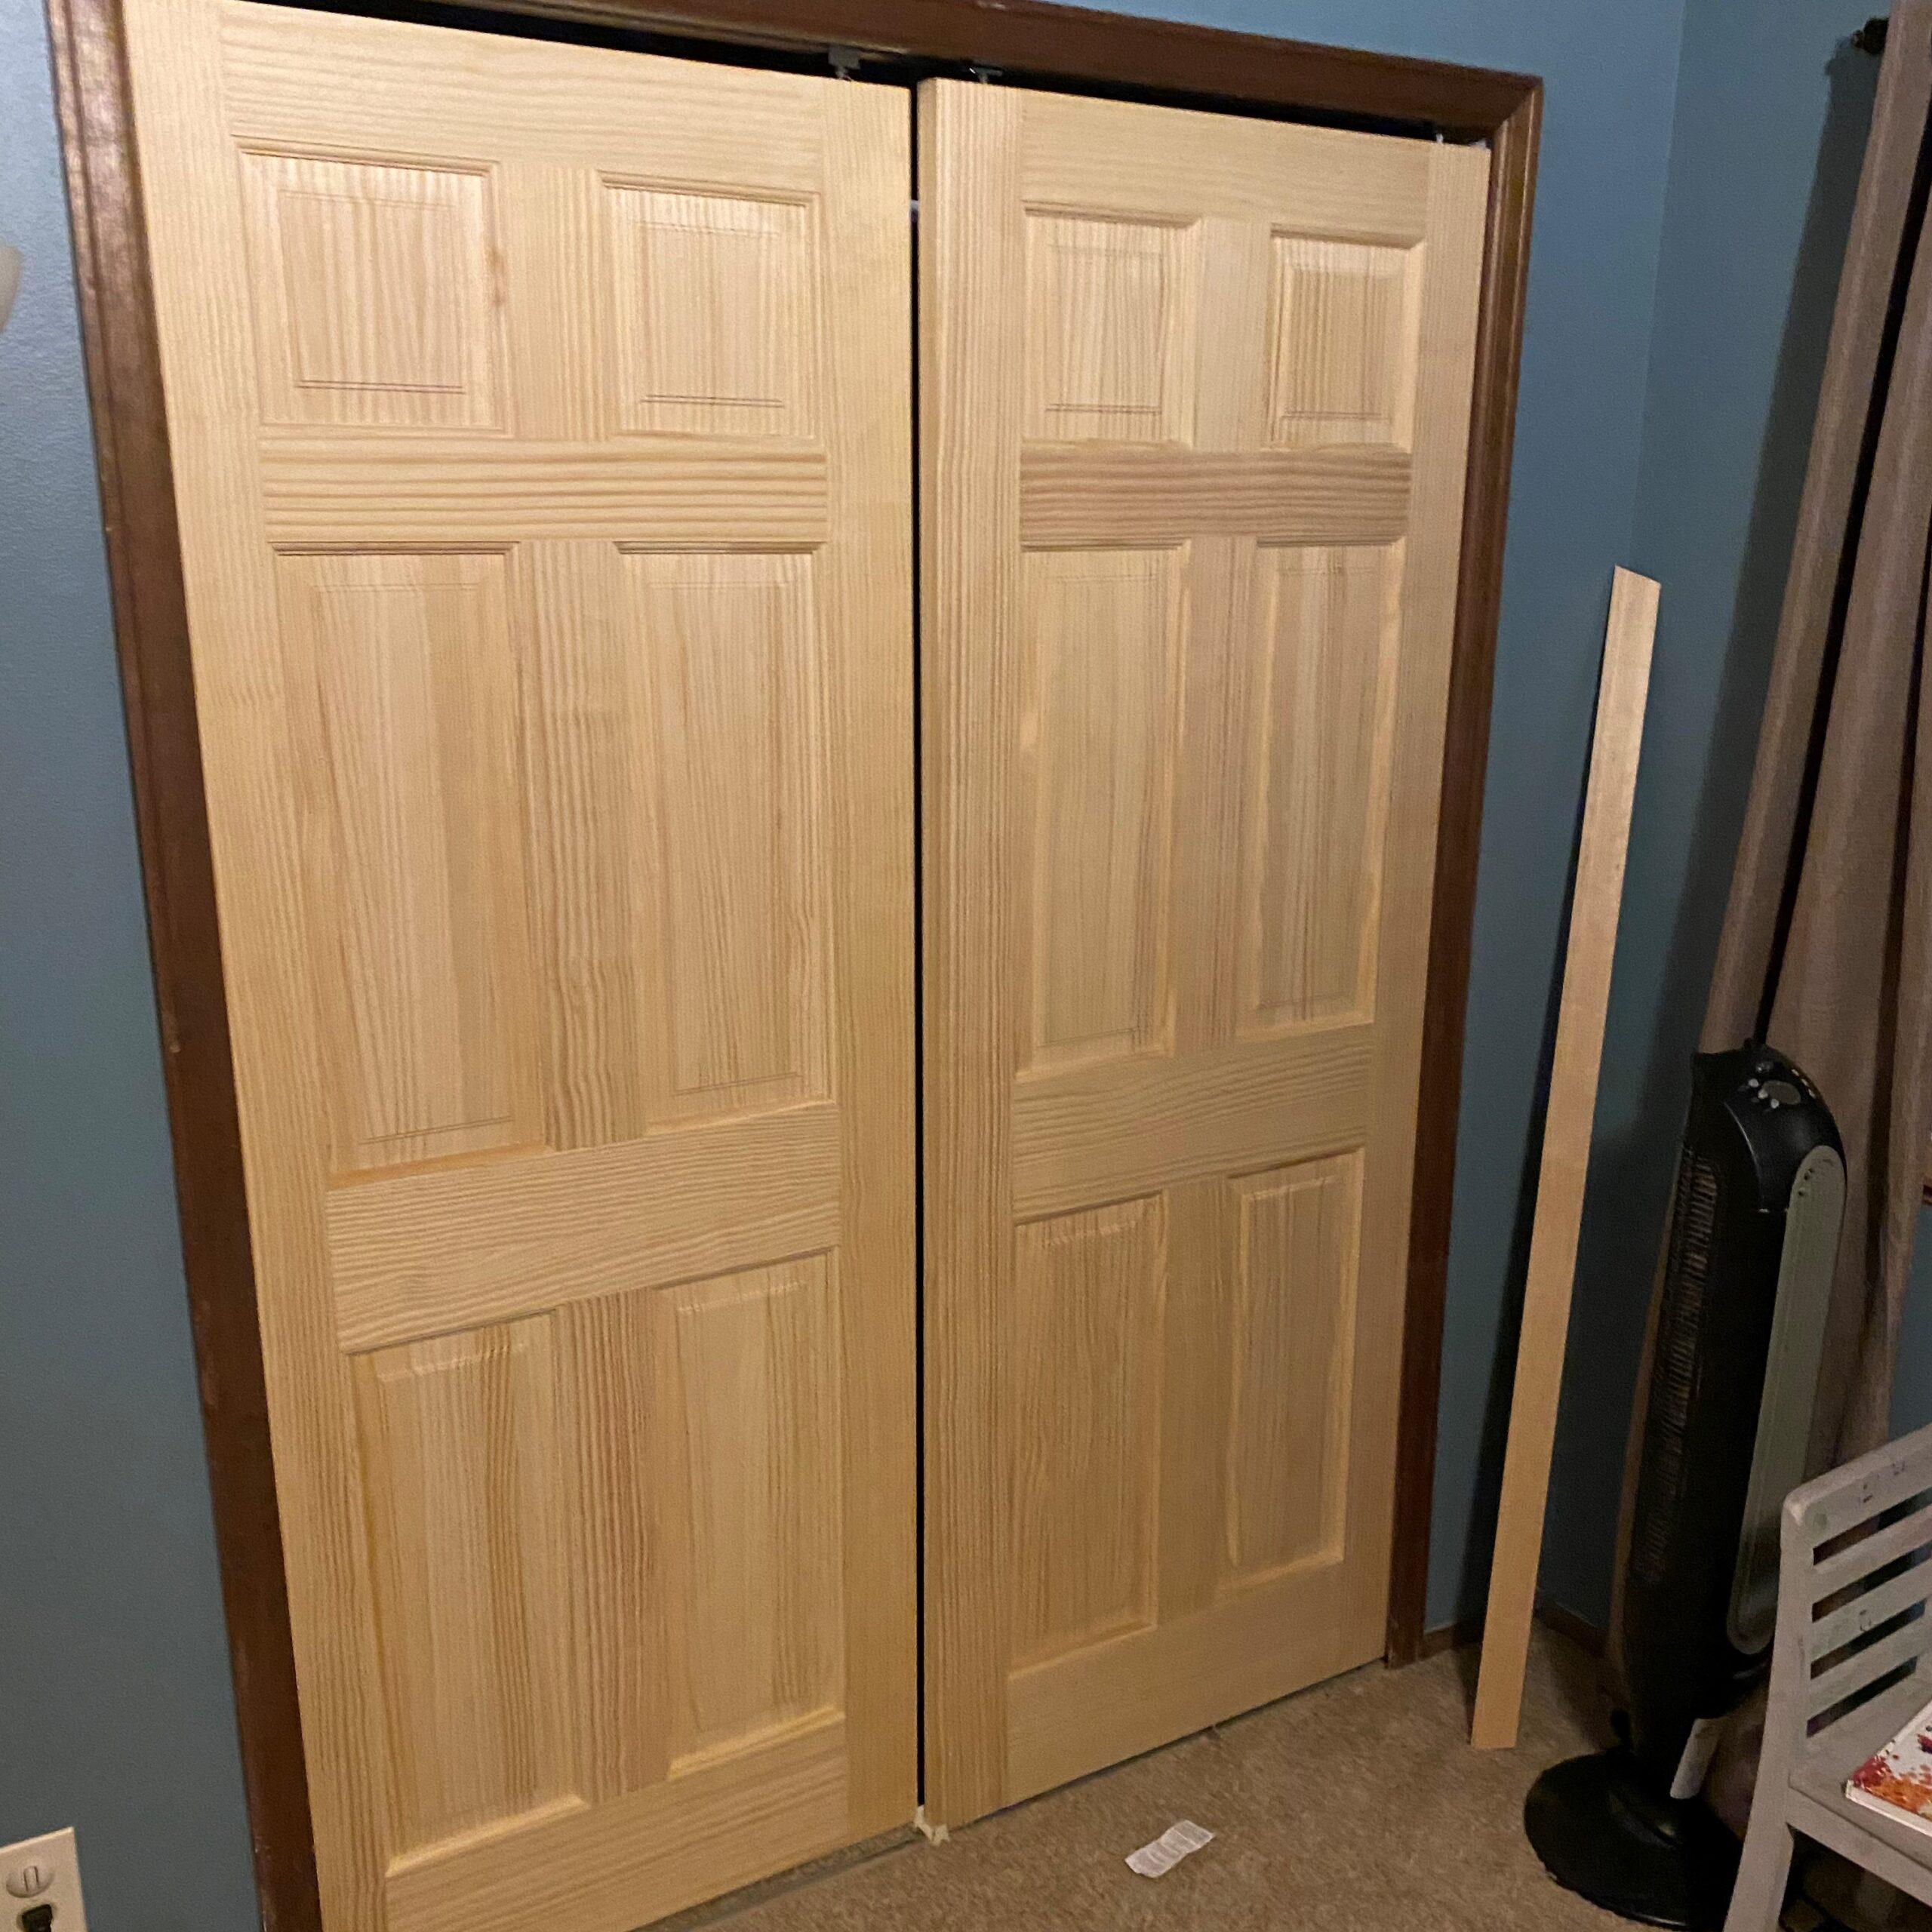 Pine 6-panel bi-pass closet doors